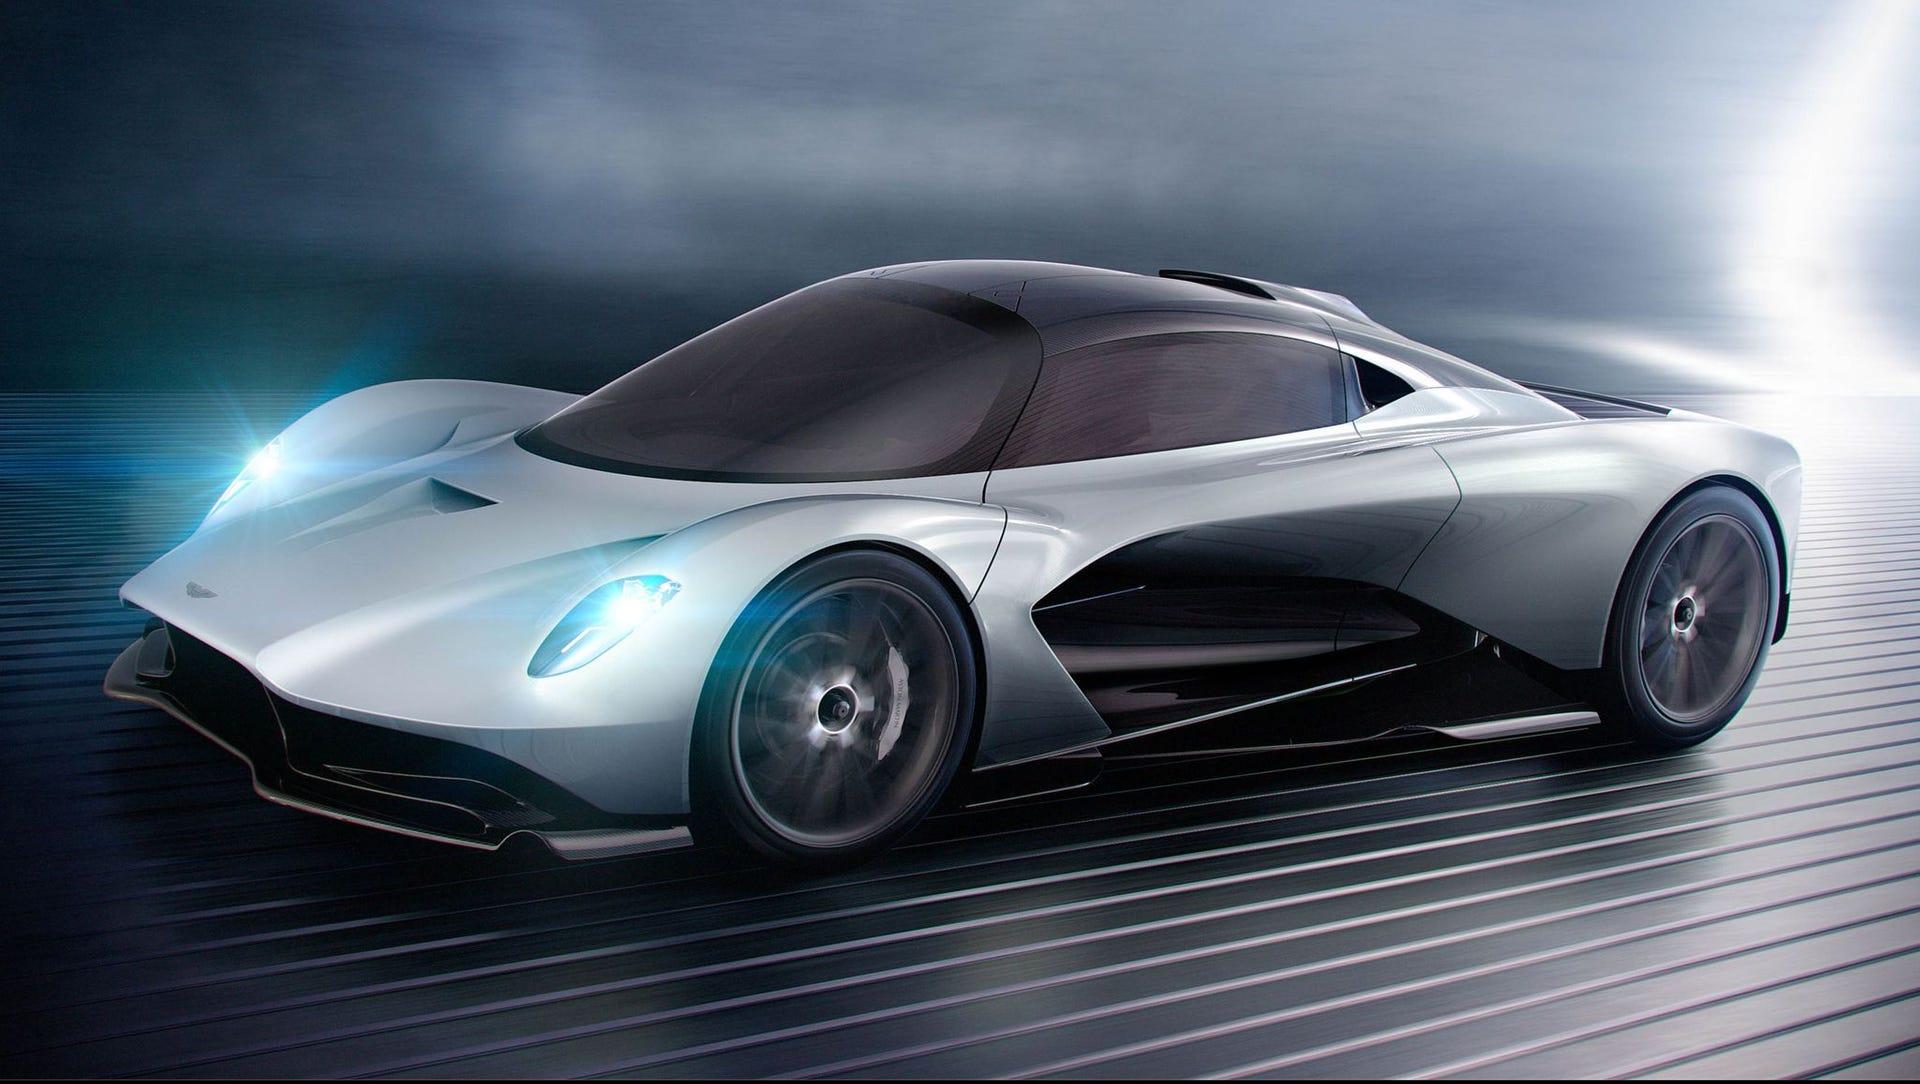 Siêu xe Valhalla của Aston Martin sẽ xuất hiện trong bộ phim Bond 25 - 4